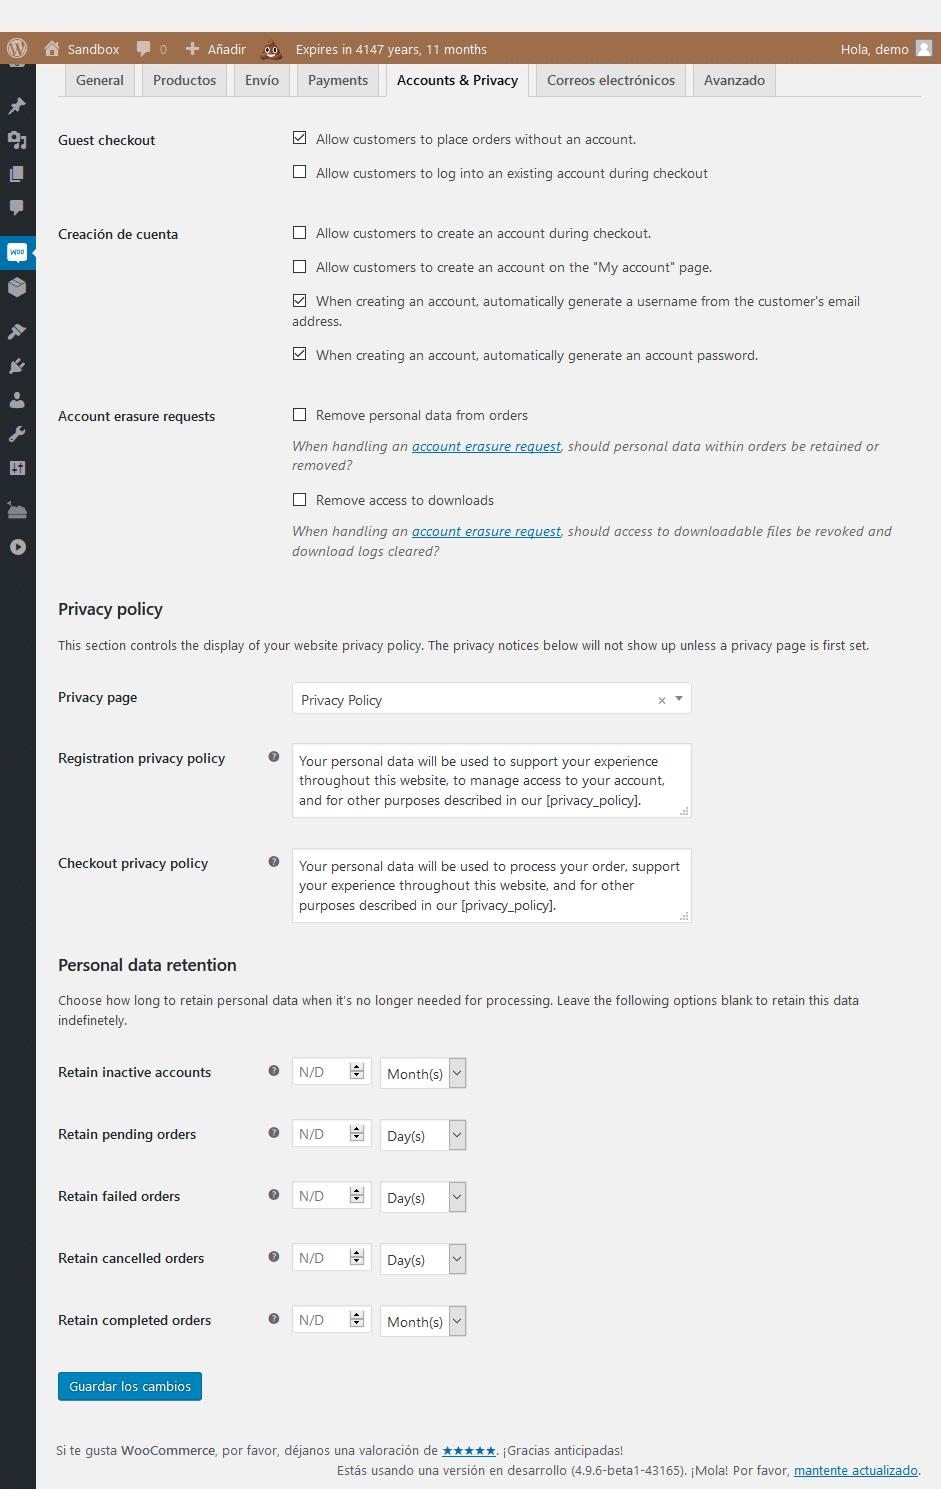 WordPress 4.9.6, privacidad y GDPR